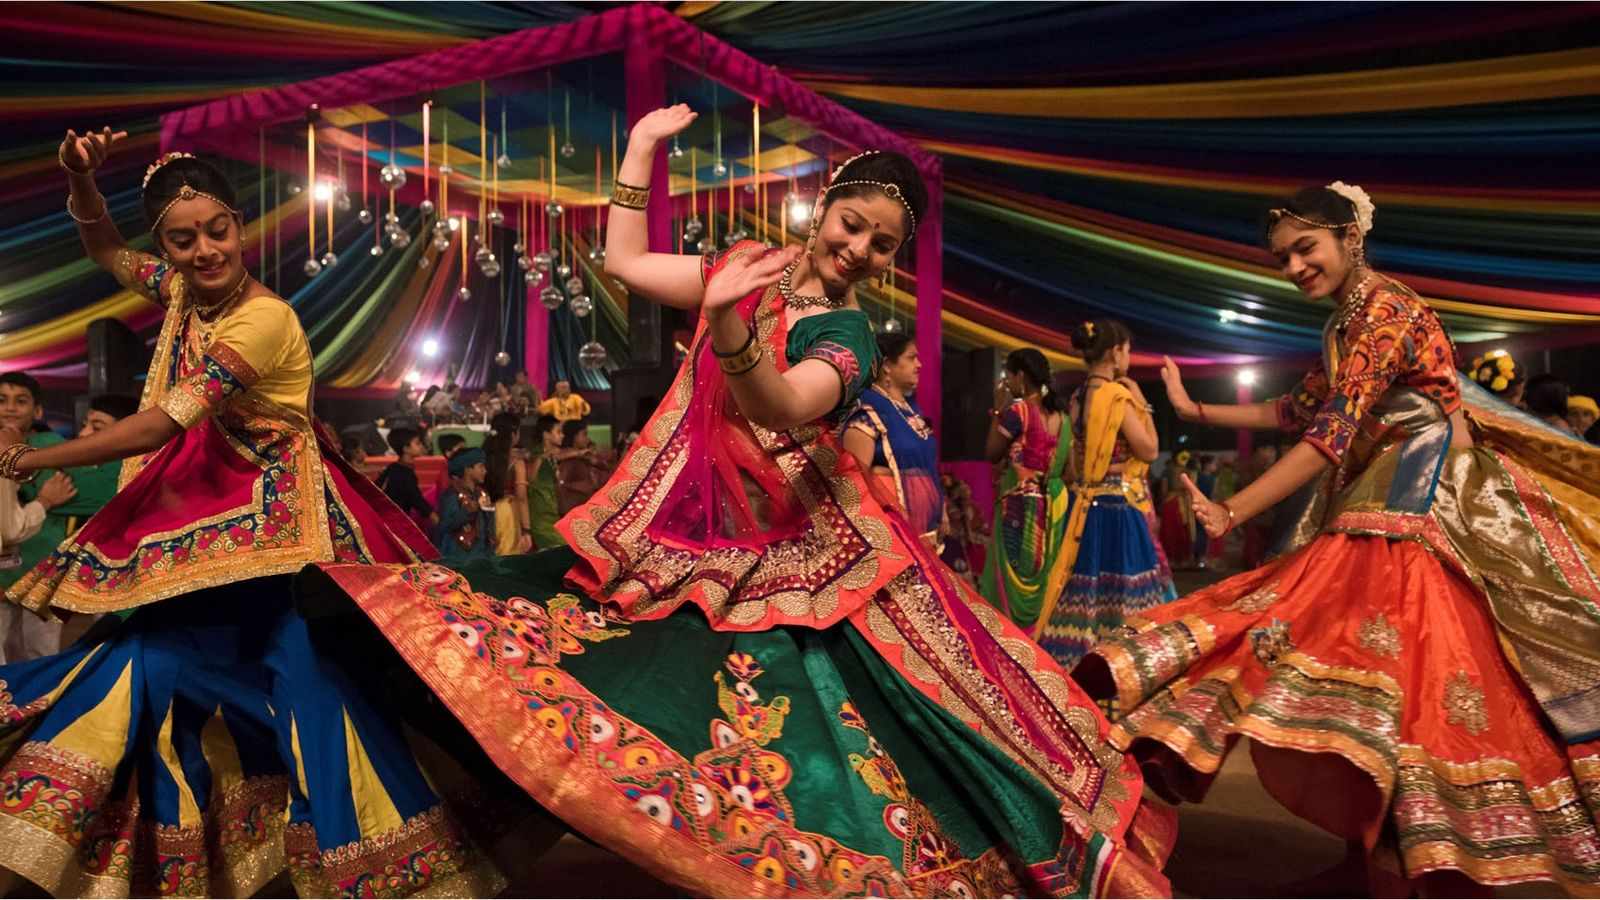 Dancers at Navratri